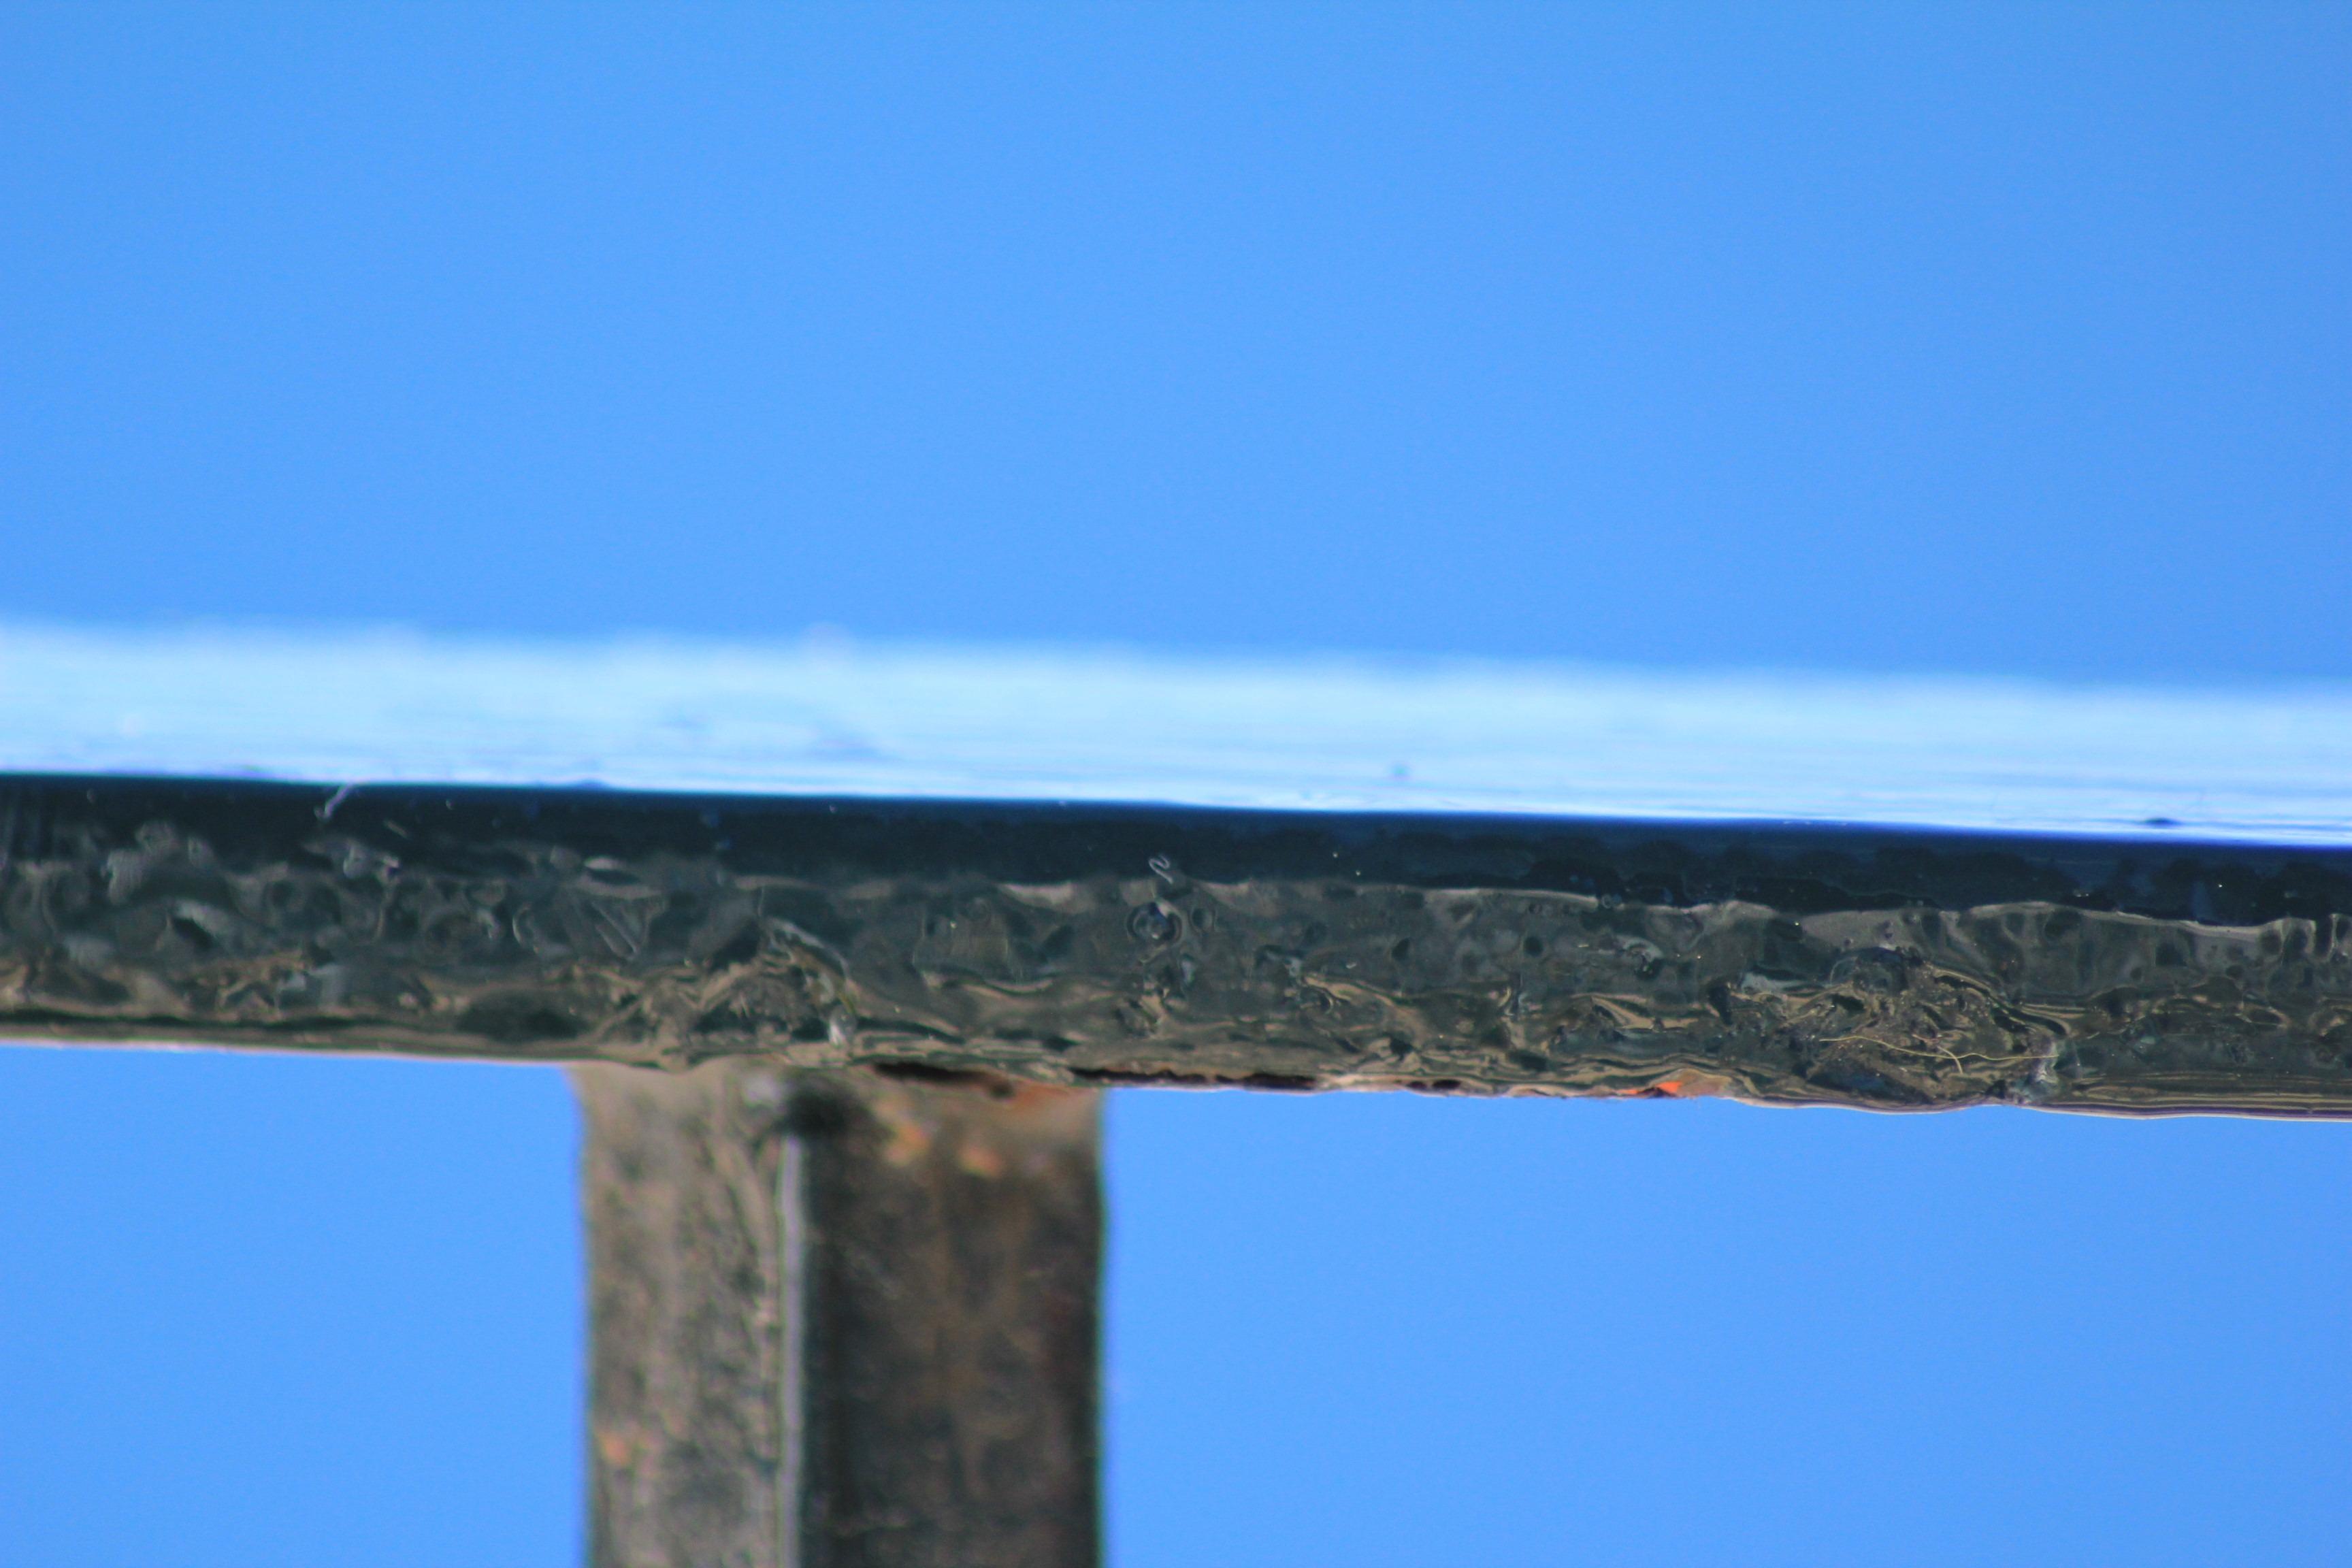 Stehlen Modern kostenlose foto meer abstrakt wolke struktur himmel wind